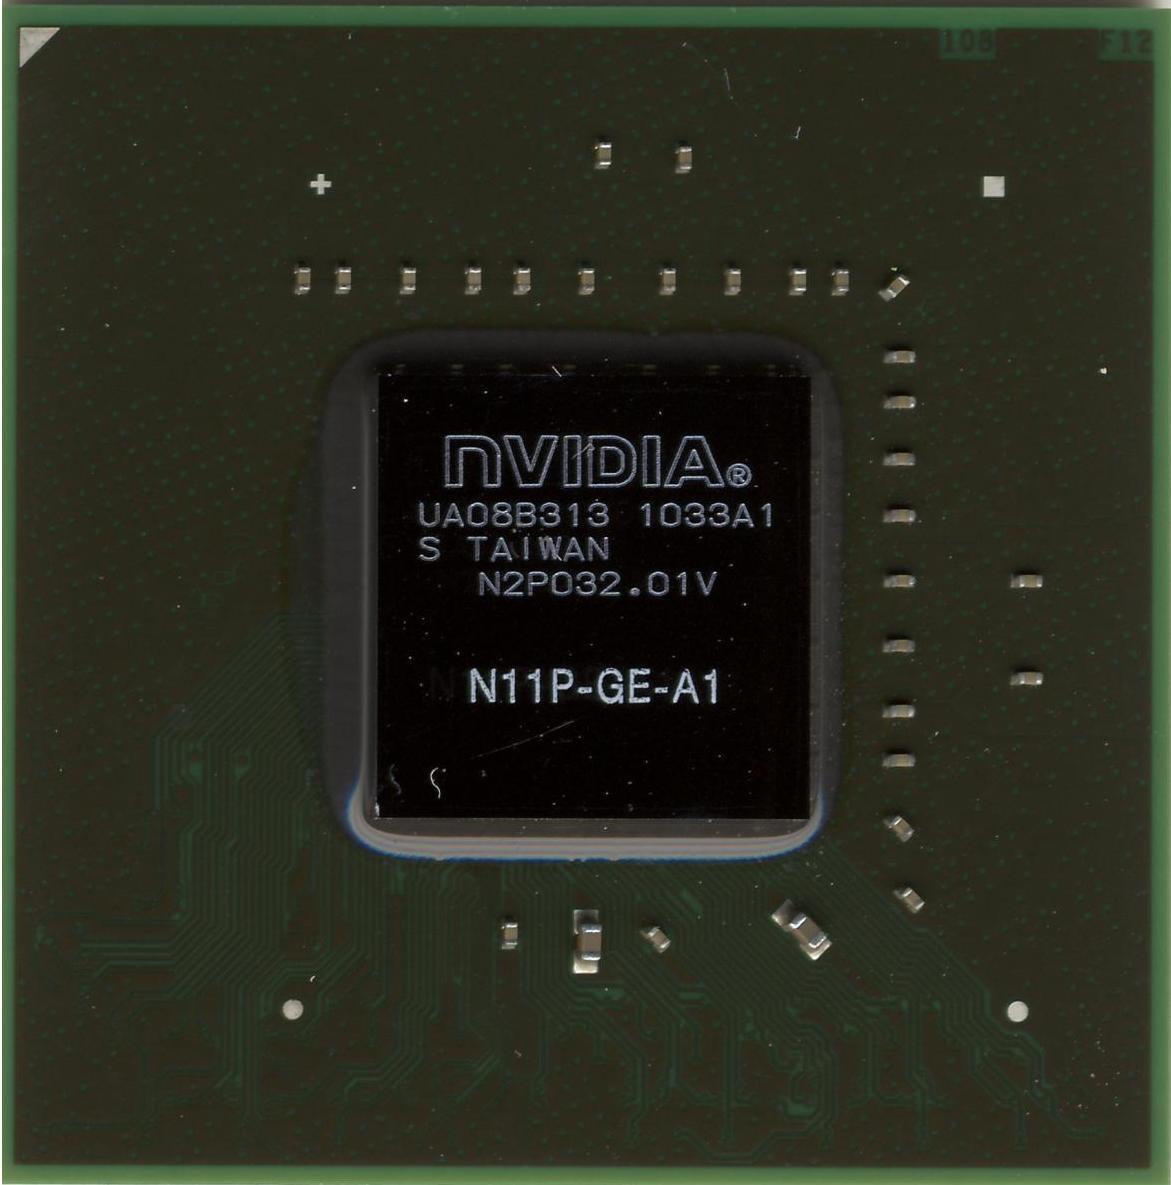 N11P-GE-A1 G330M